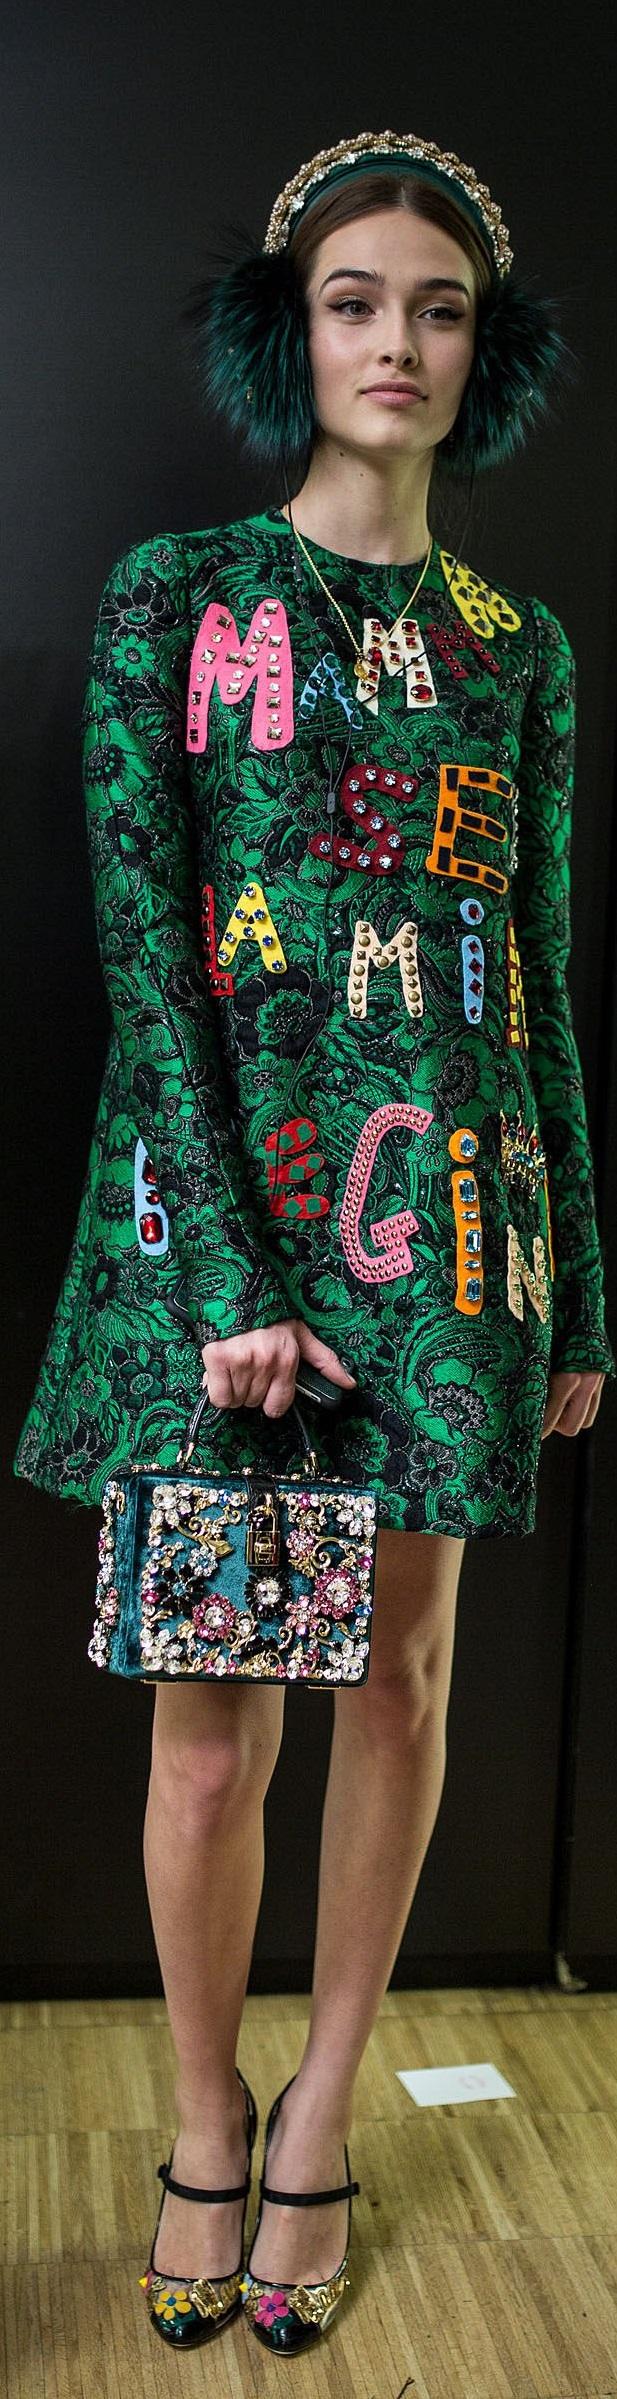 f24417e42c Dolce & Gabbana FW 2015 RTW | dolce & gabbana | Autumn fashion ...